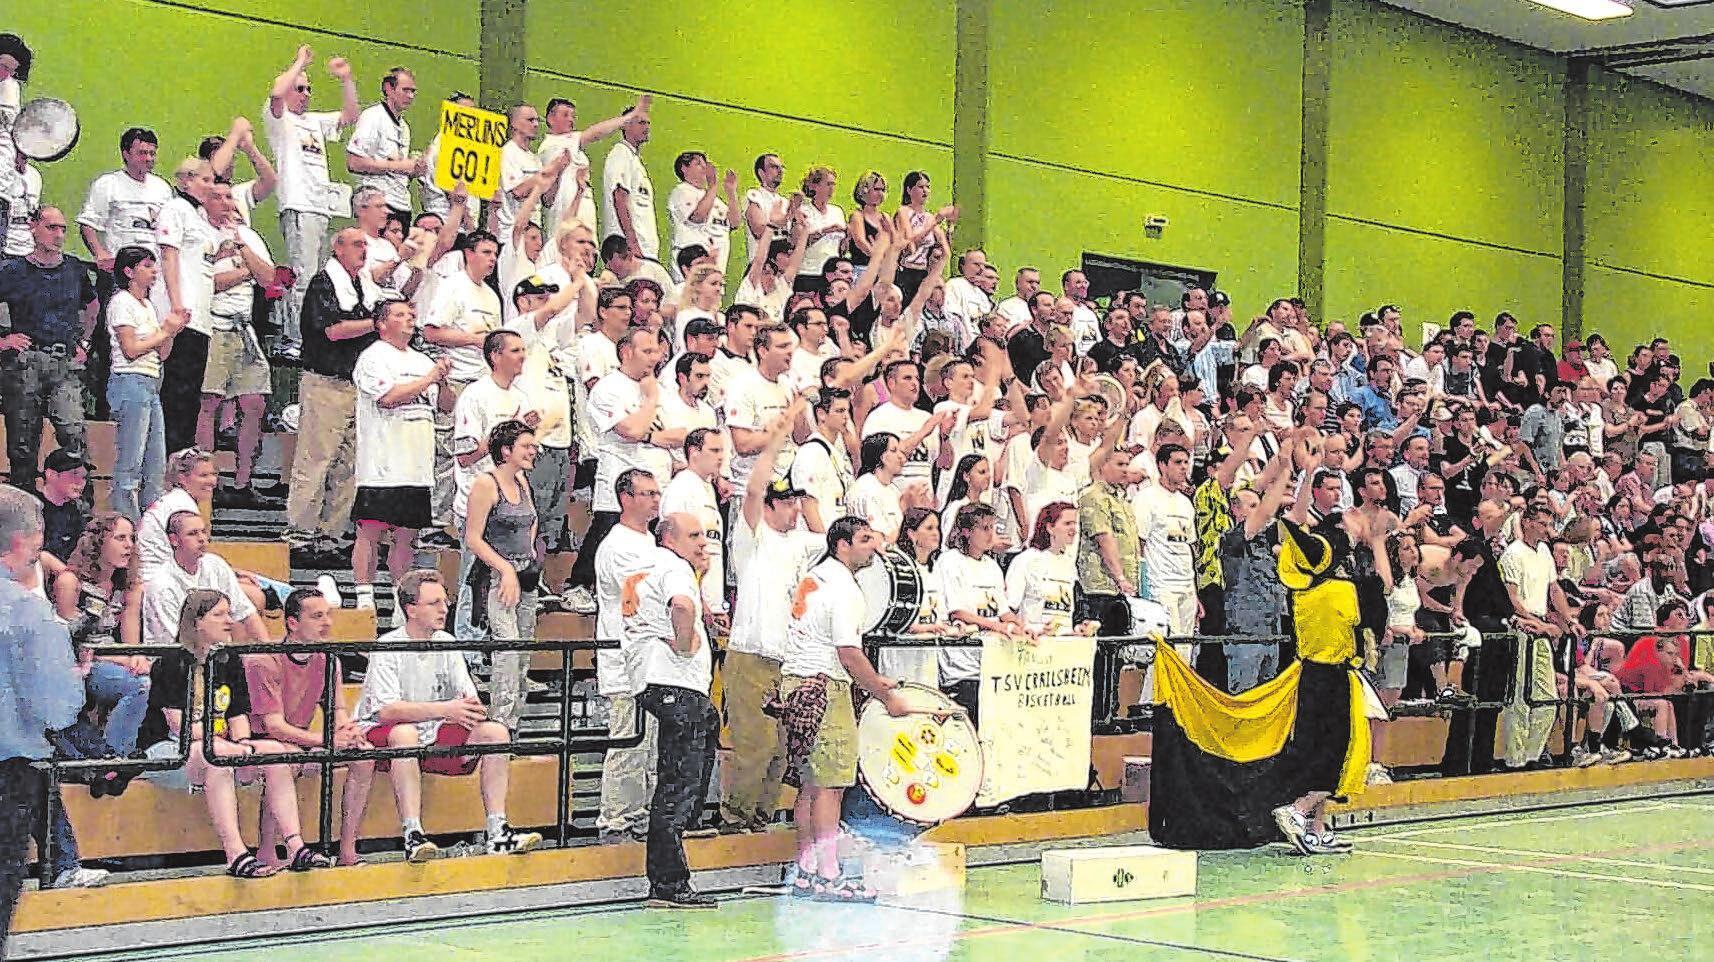 2001 stiegen die Merlins in die zweite Bundesliga Süd auf. Beim entscheidenden Spiel in Kasierslautern waren mehrere Hundert Schlachtenbummler aus Crailsheim dabei. Fotos: Merlins-Archiv